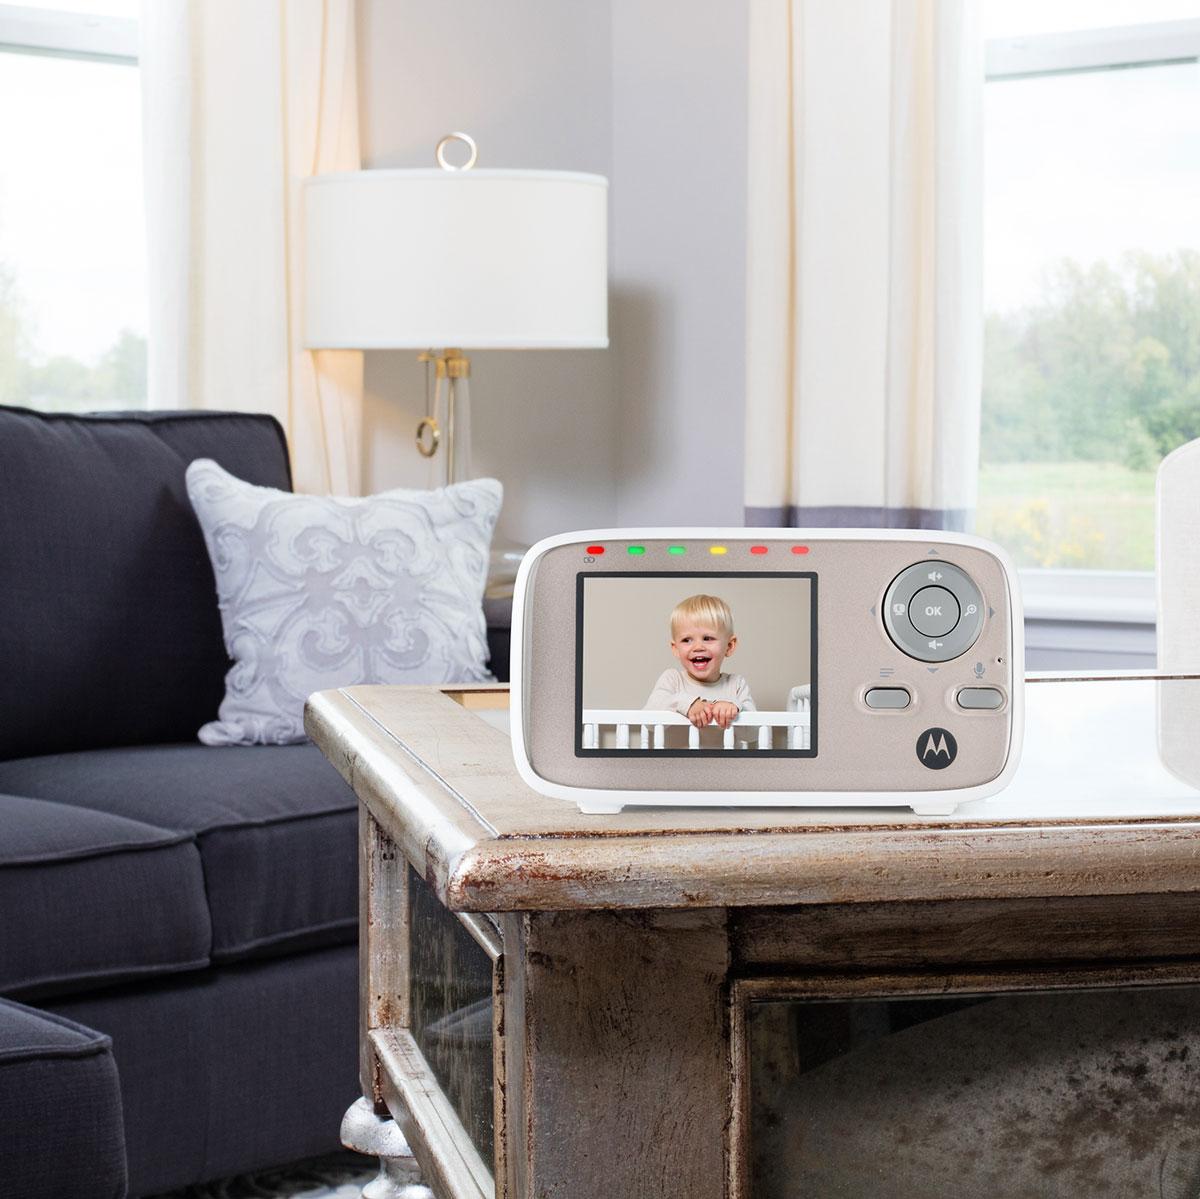 Videofon digital +WiFi MBP667 Connect imagine